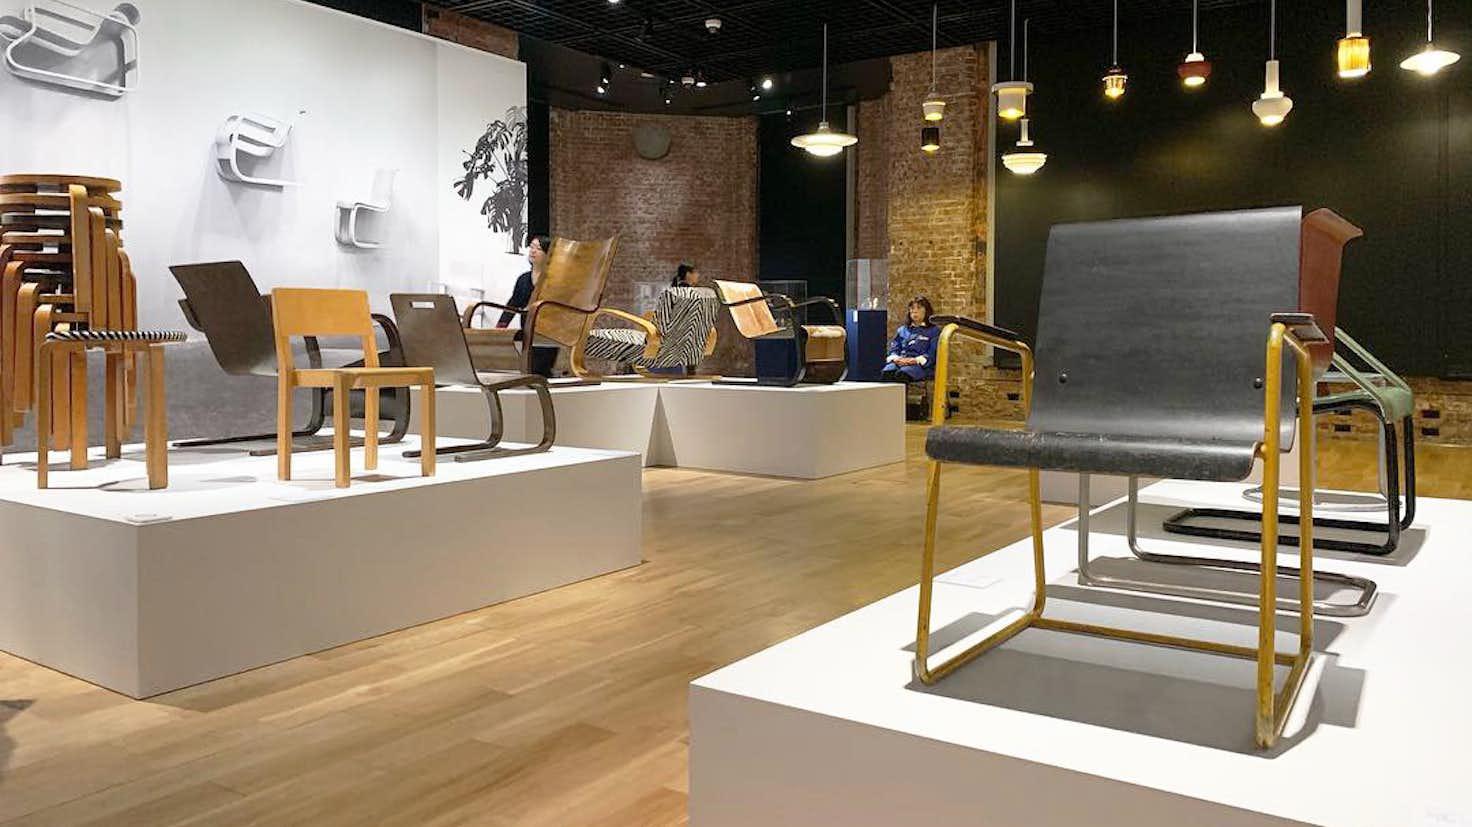 アルヴァ・アアルトの展覧会が東京ステーションギャラリーに巡回。人と自然に寄り添った、フィンランドの建築家の魅力とは?